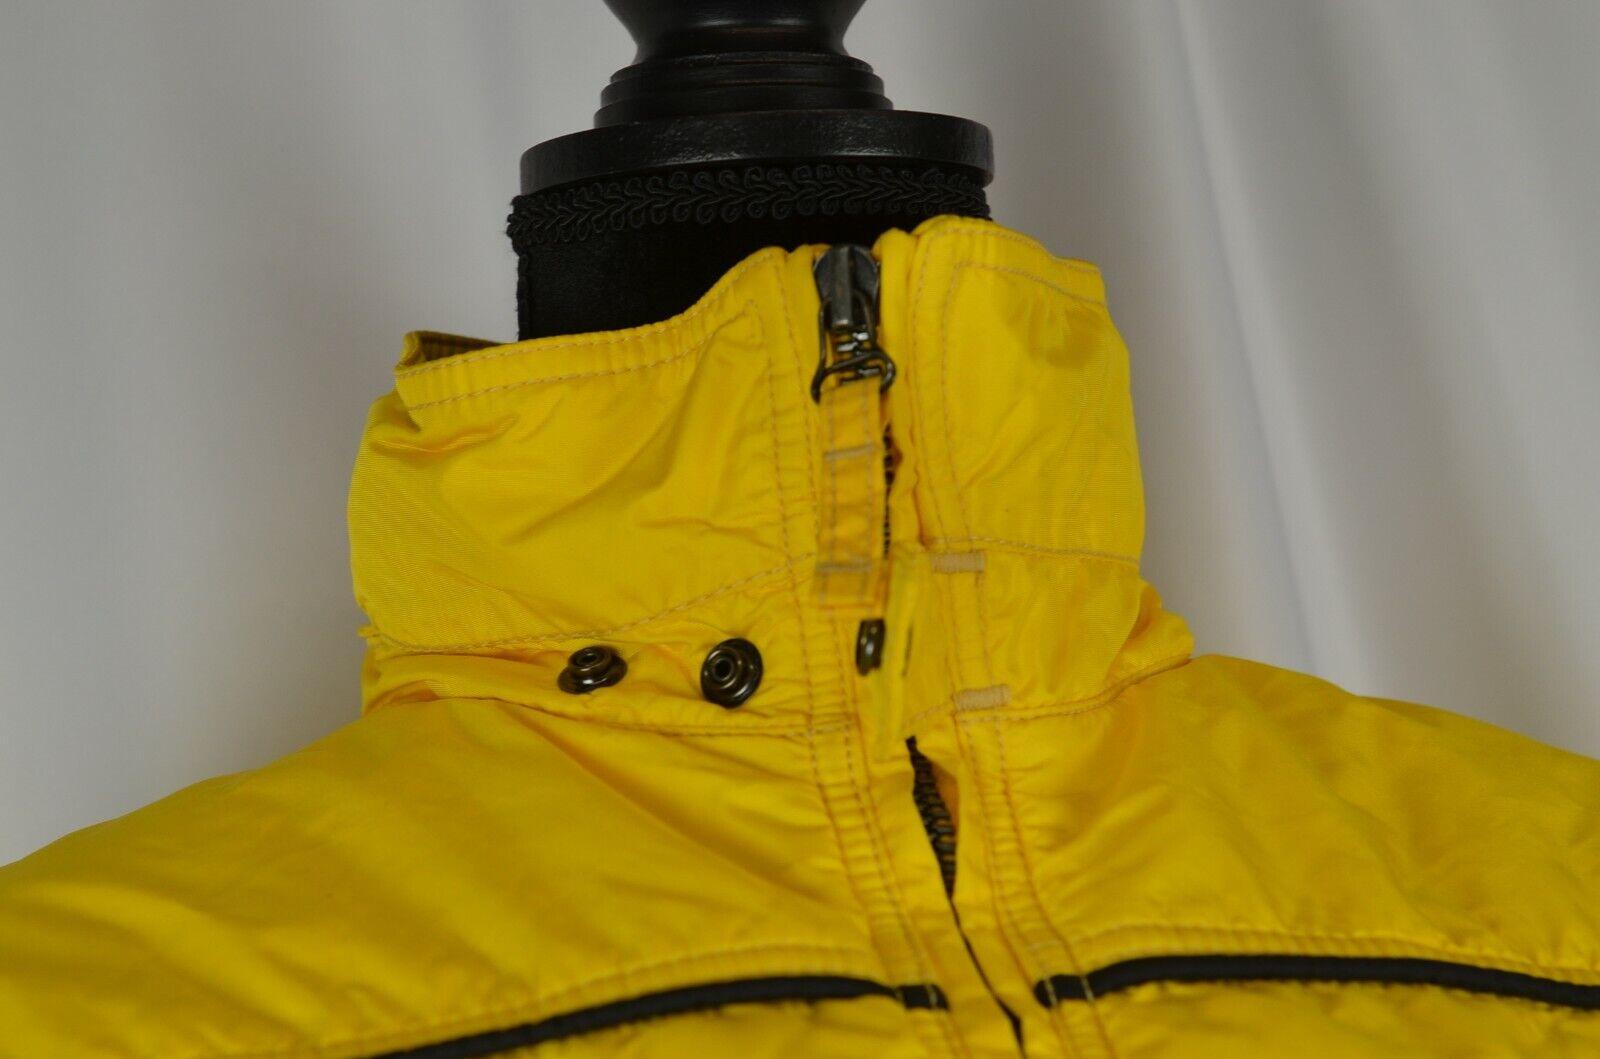 JOS Joseph  Mujer Chaqueta De Esquí By tamaño 2 Italia Resina De Nylon Negro Amarillo Adorno Cálido  calidad fantástica